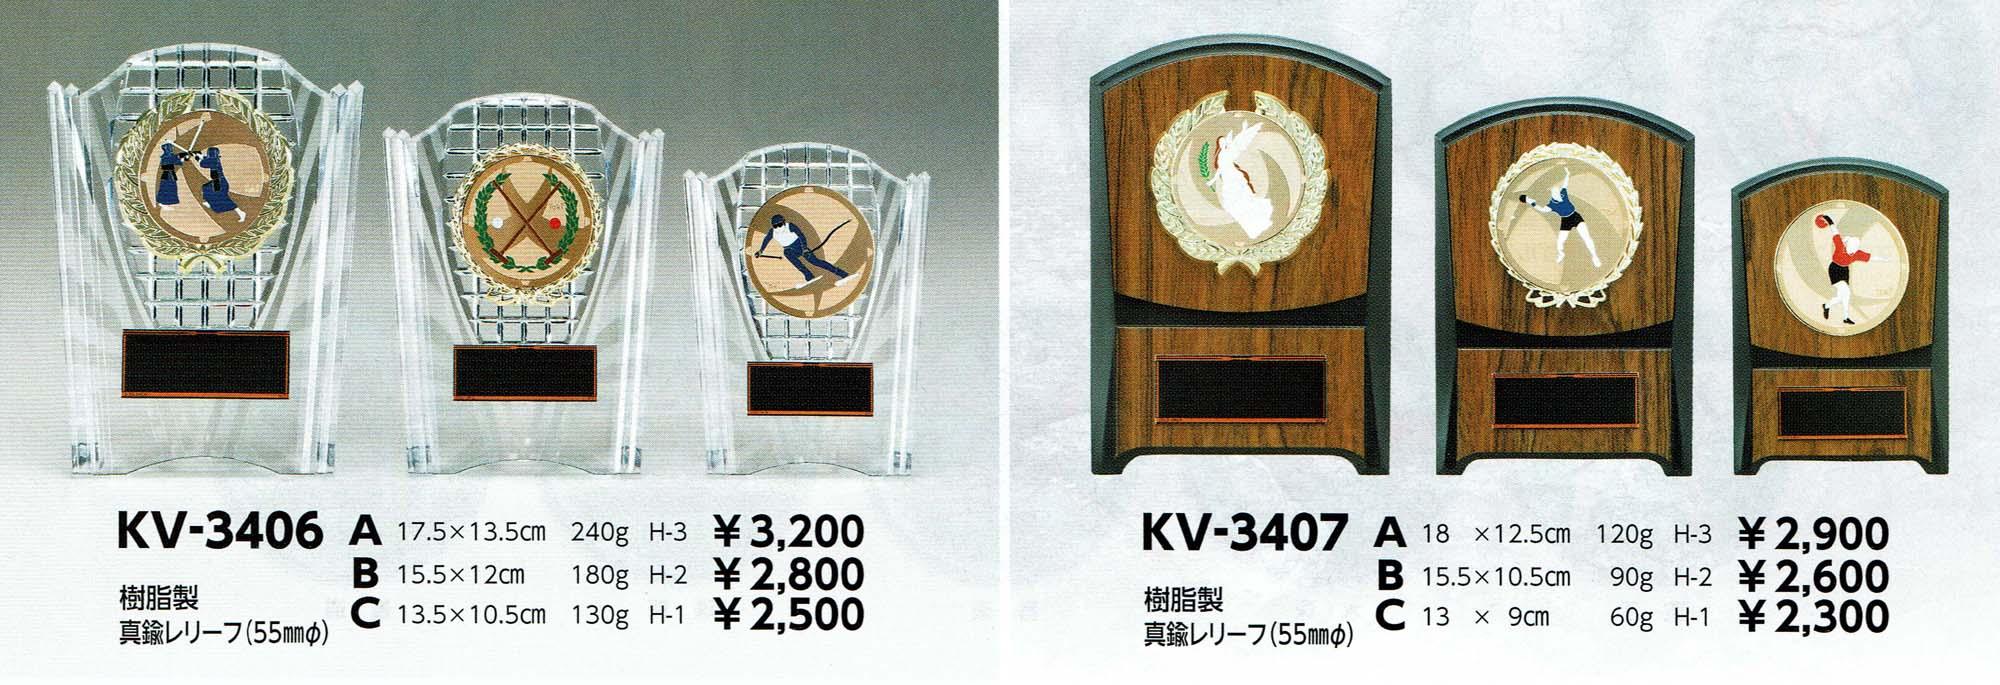 KV3406、KV3407